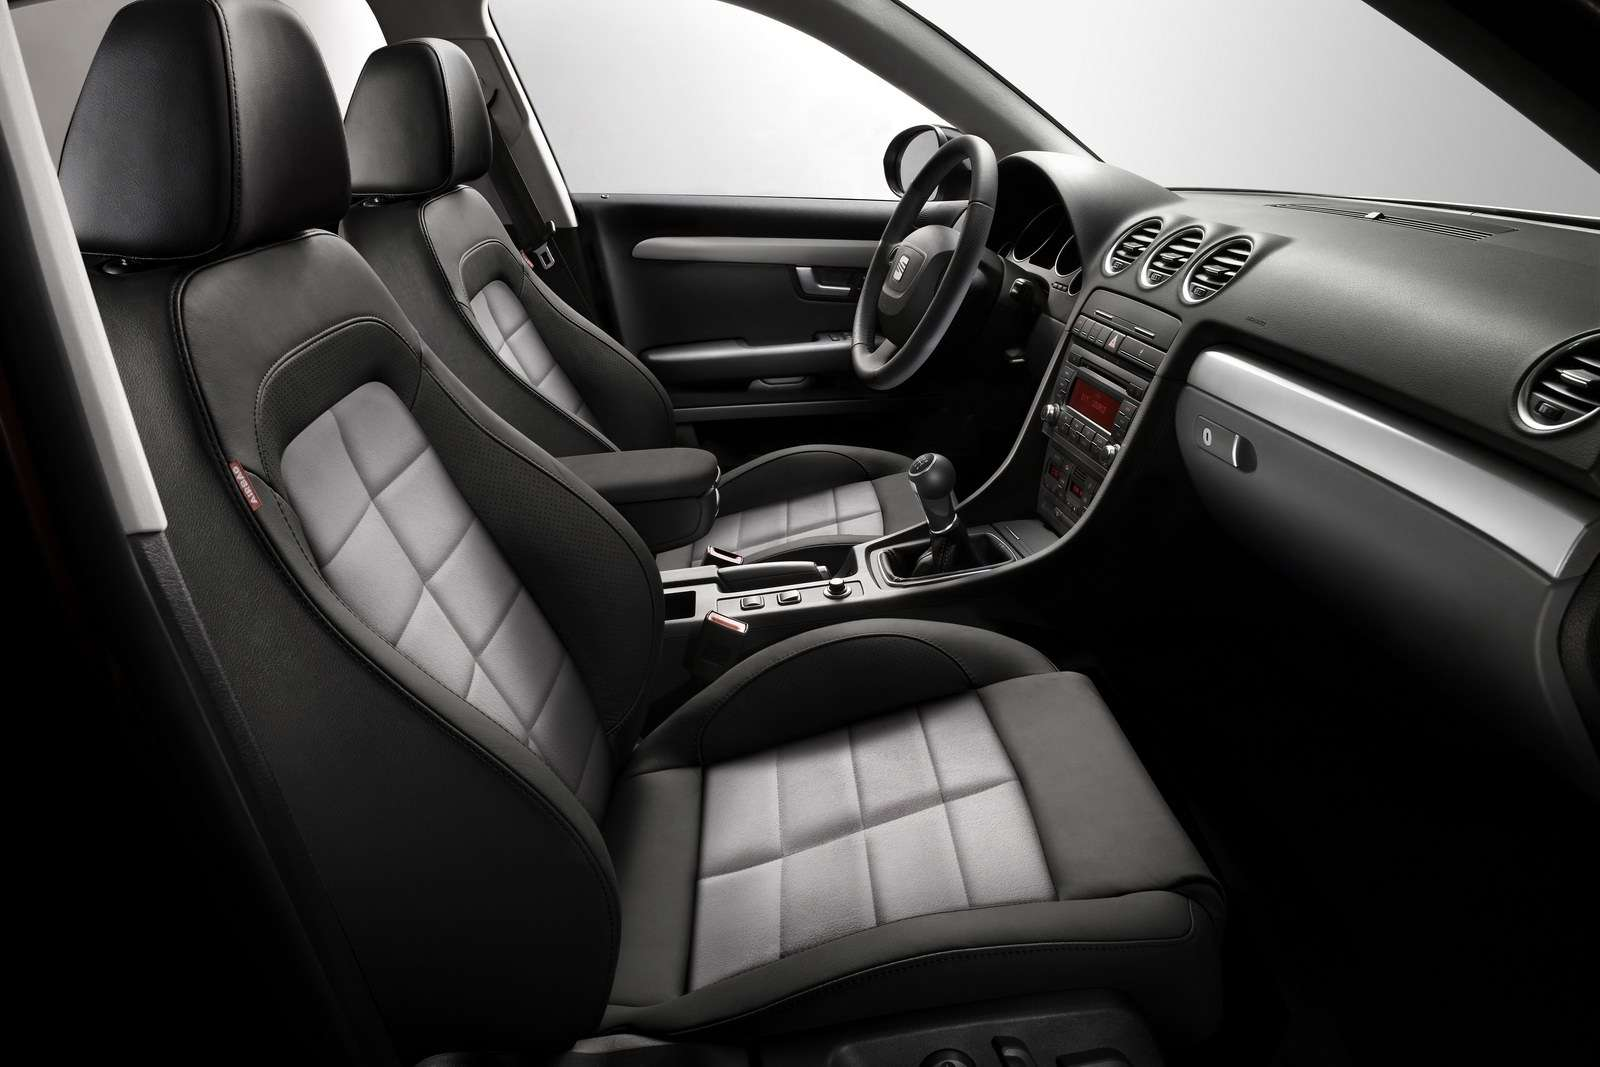 2012 Seat Exeo oficjalnie sierpien 2011